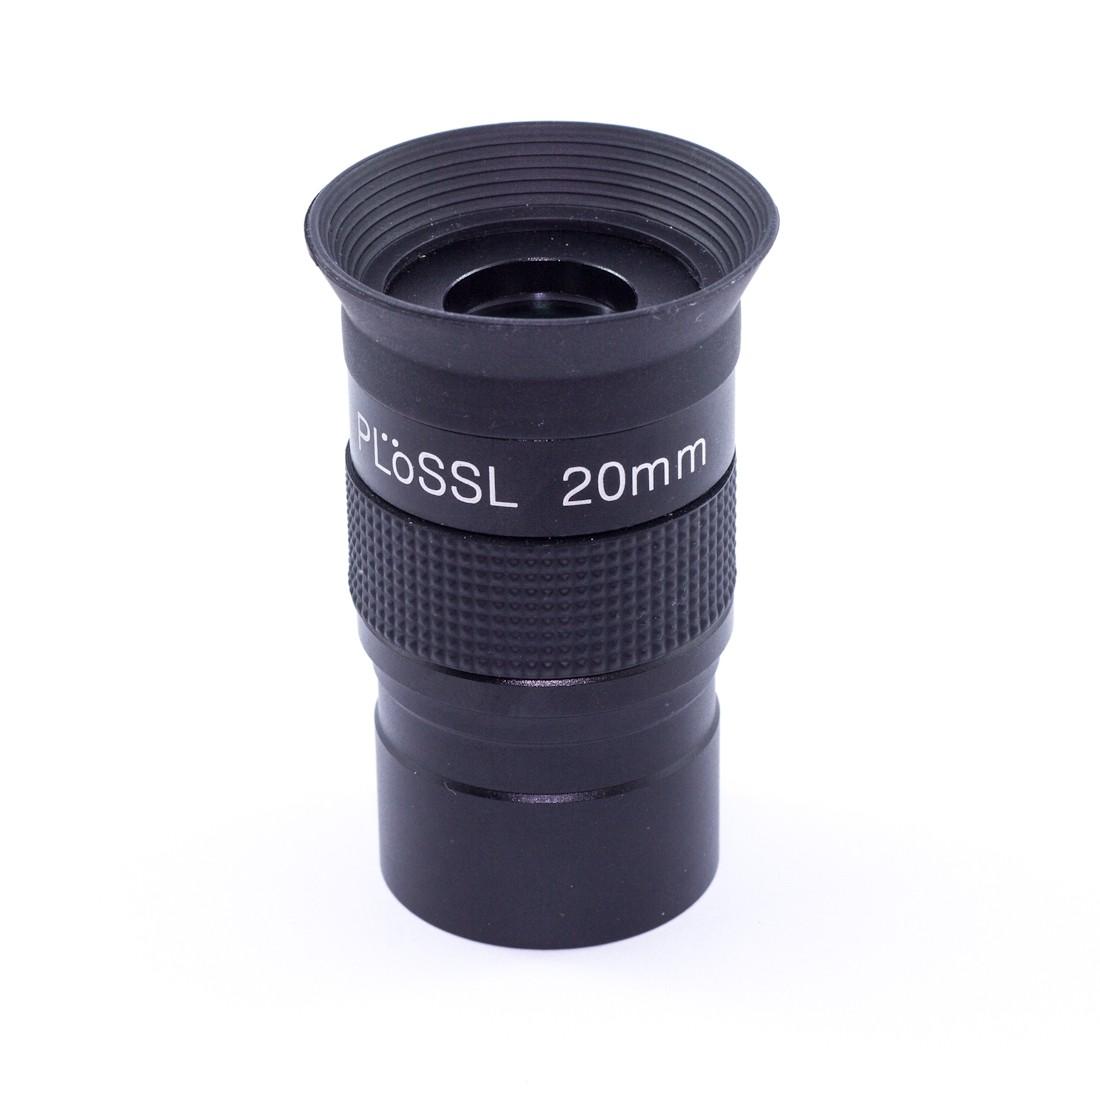 Sirius 1.25in Plossl Eyepiece 20mm